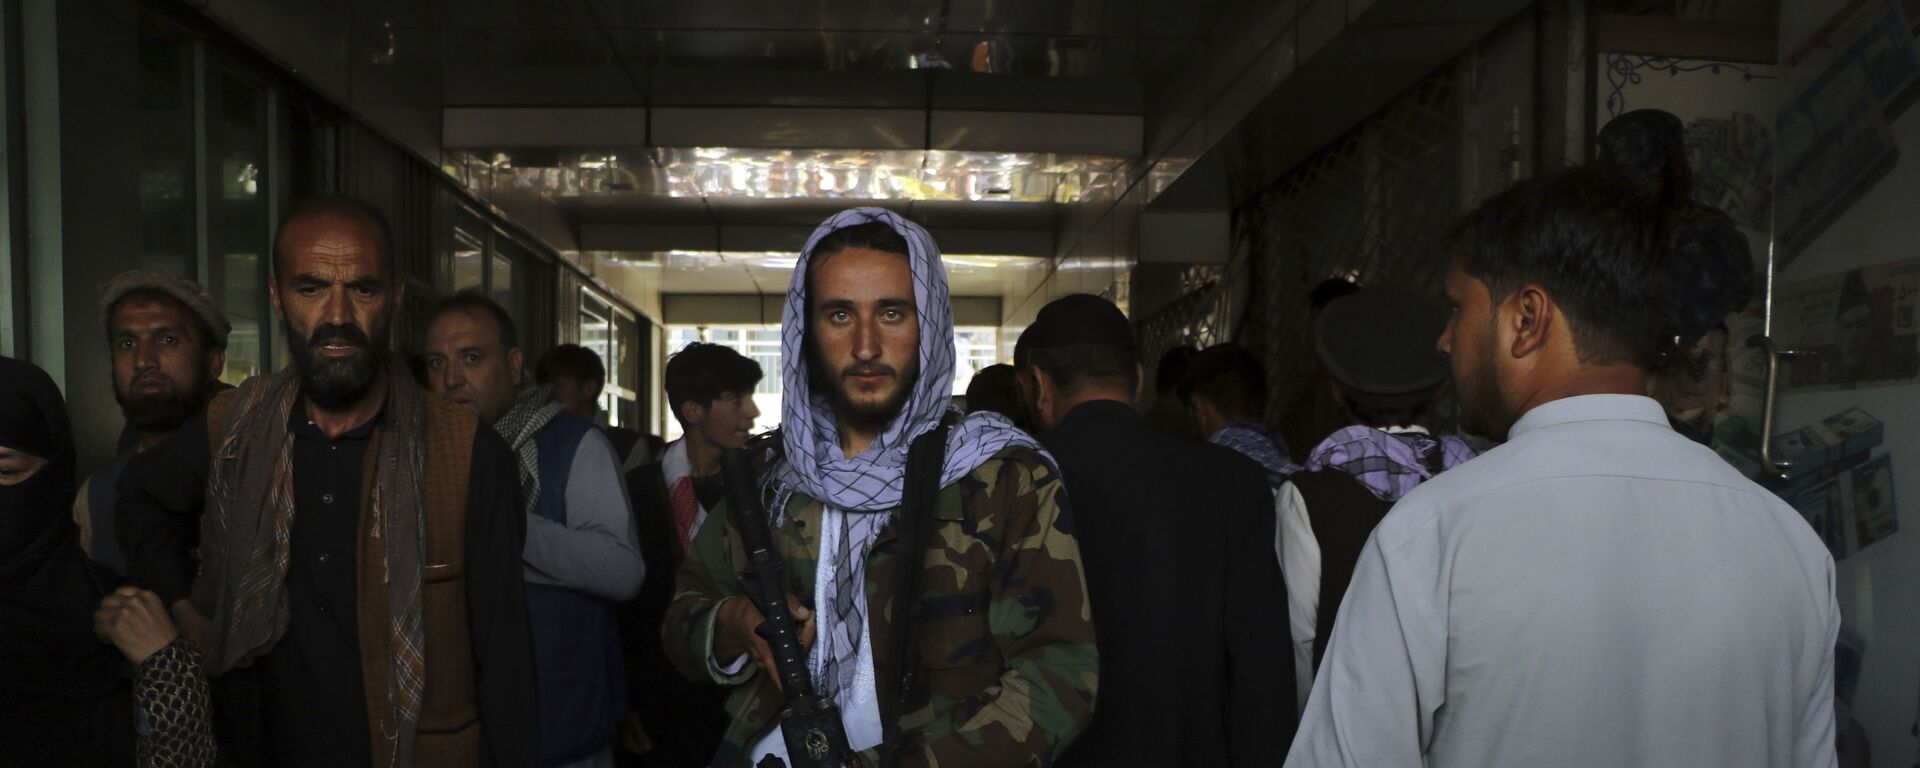 Tálibán (Teroristická organizace zakázaná v Rusku) v Afghánistánu - Sputnik Česká republika, 1920, 08.09.2021